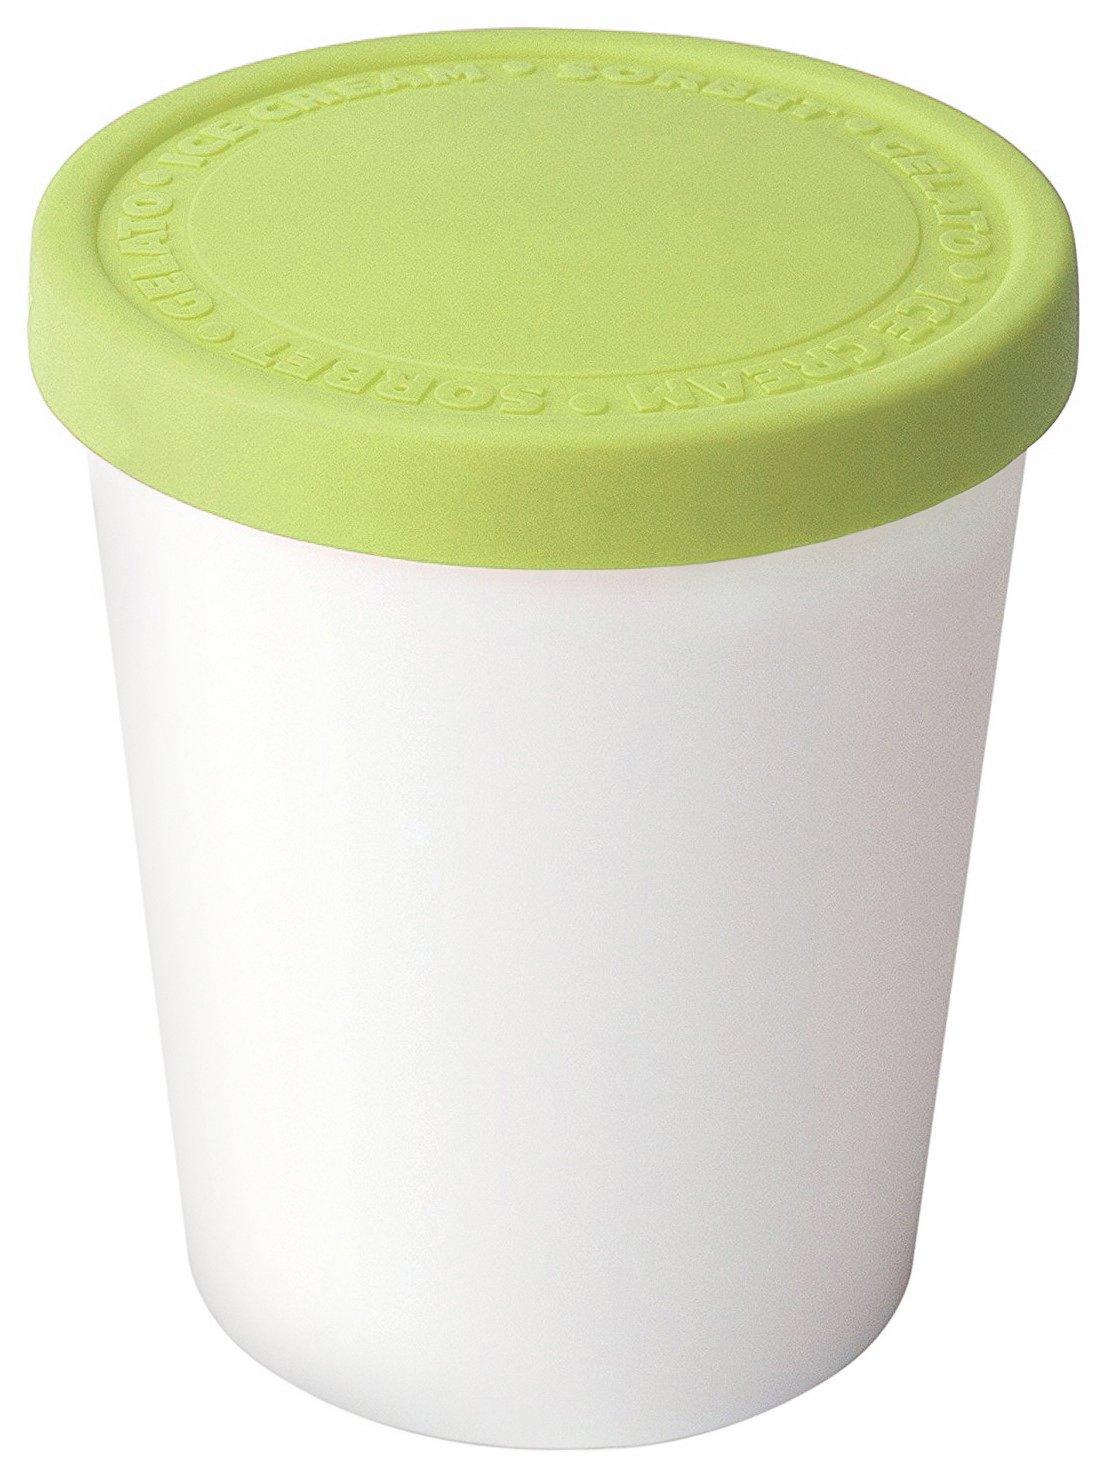 Storage Container for Ice Cream Amazoncom